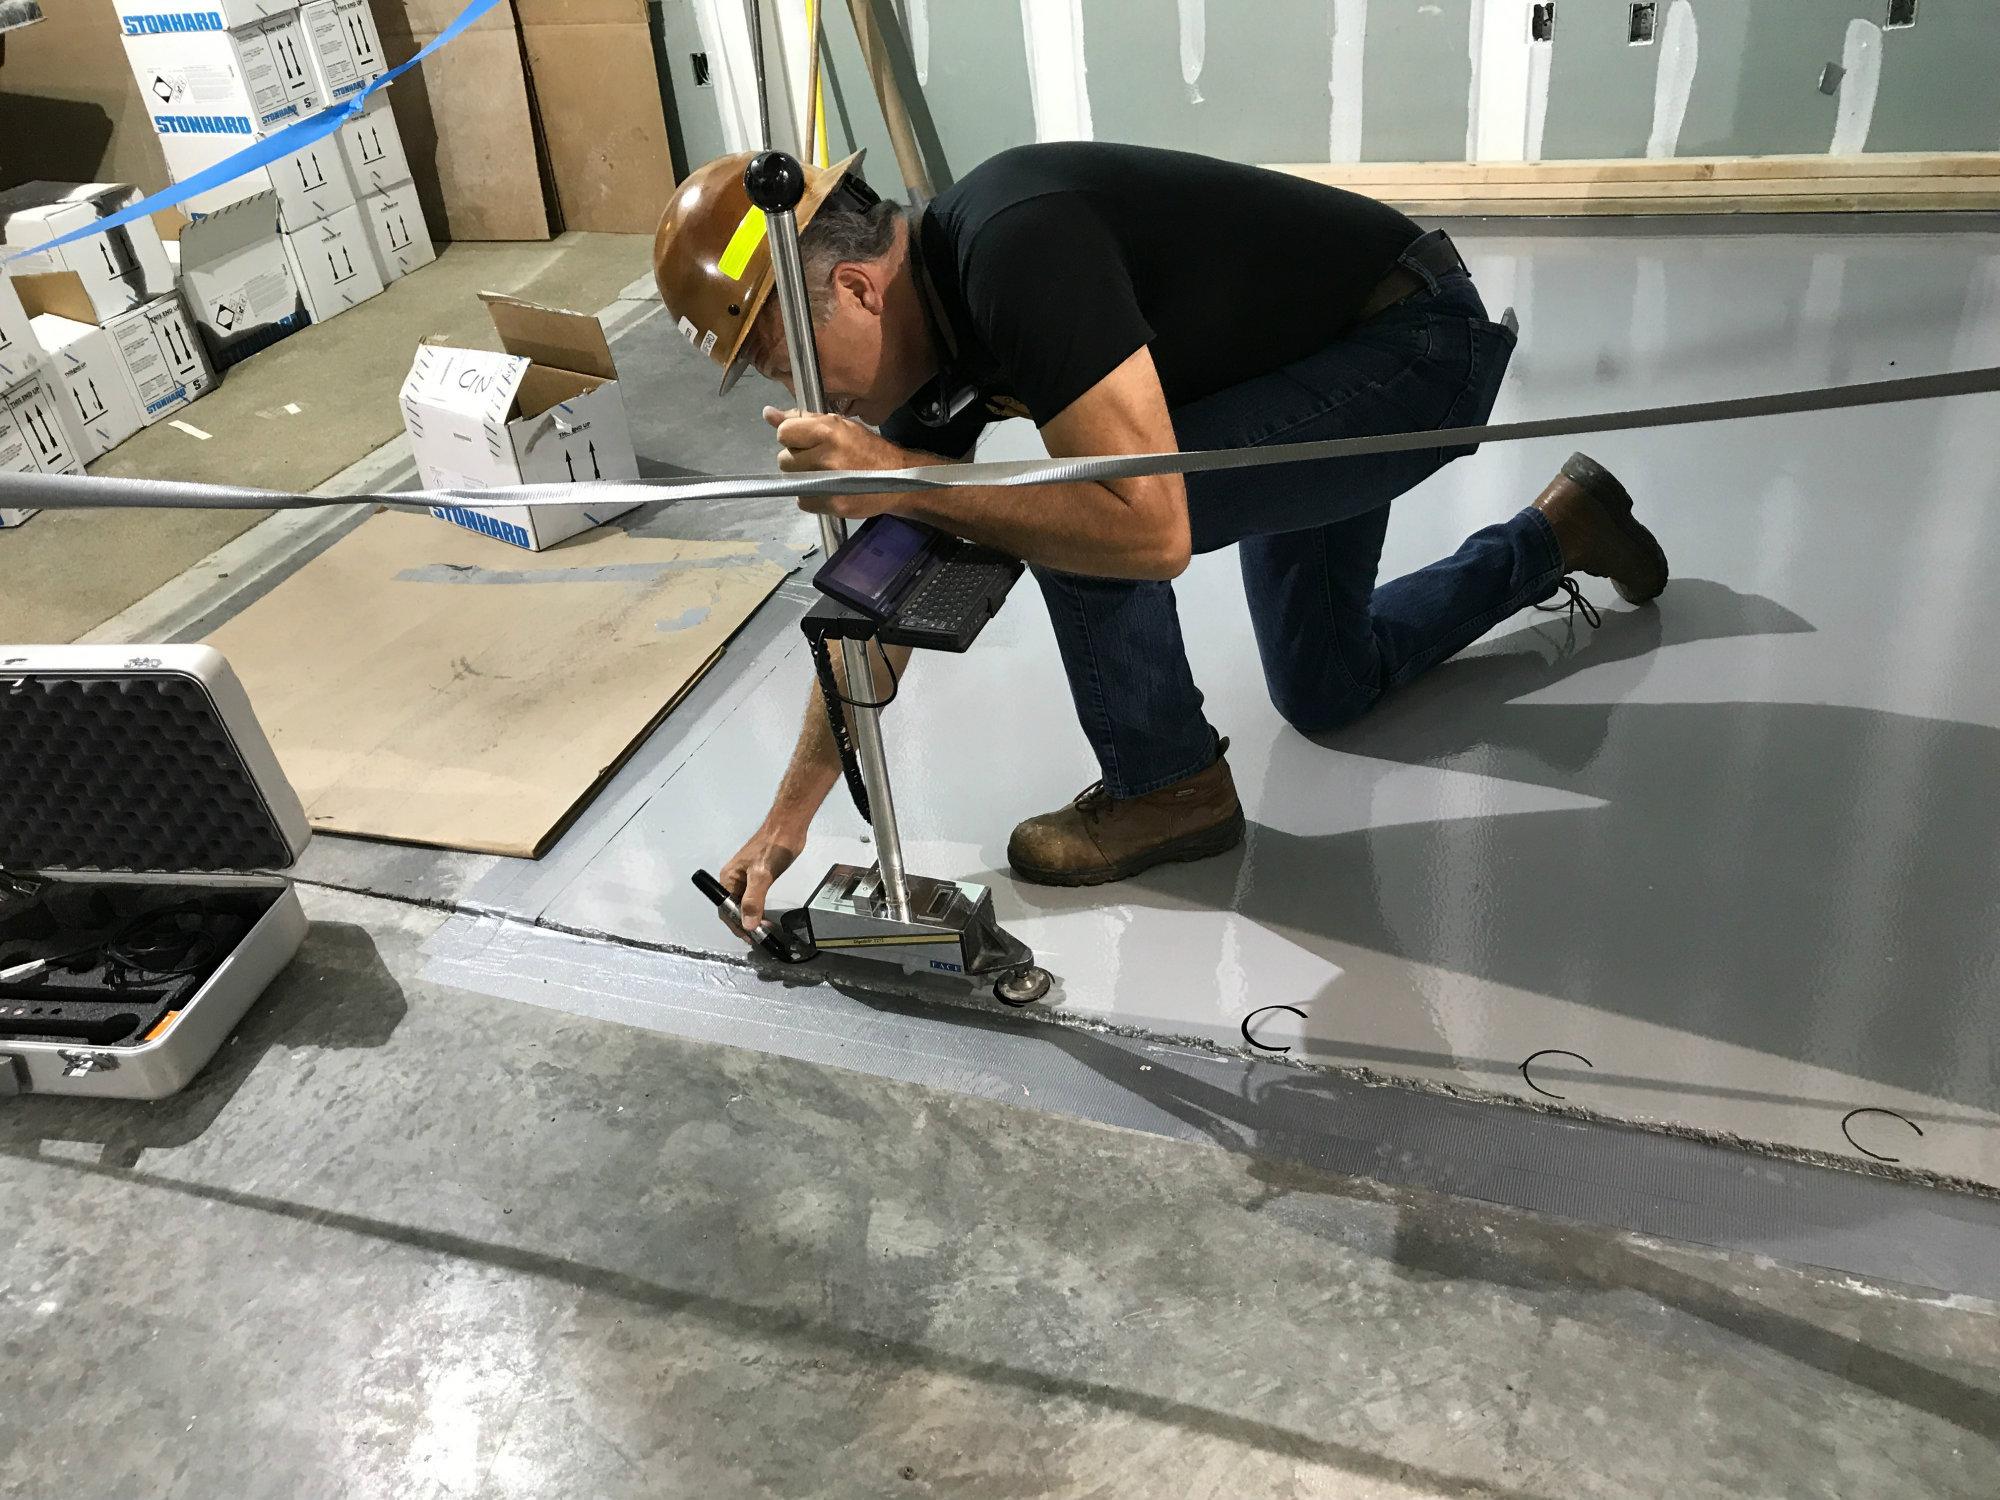 Microflat Floors Bring Unique Challenges Concrete